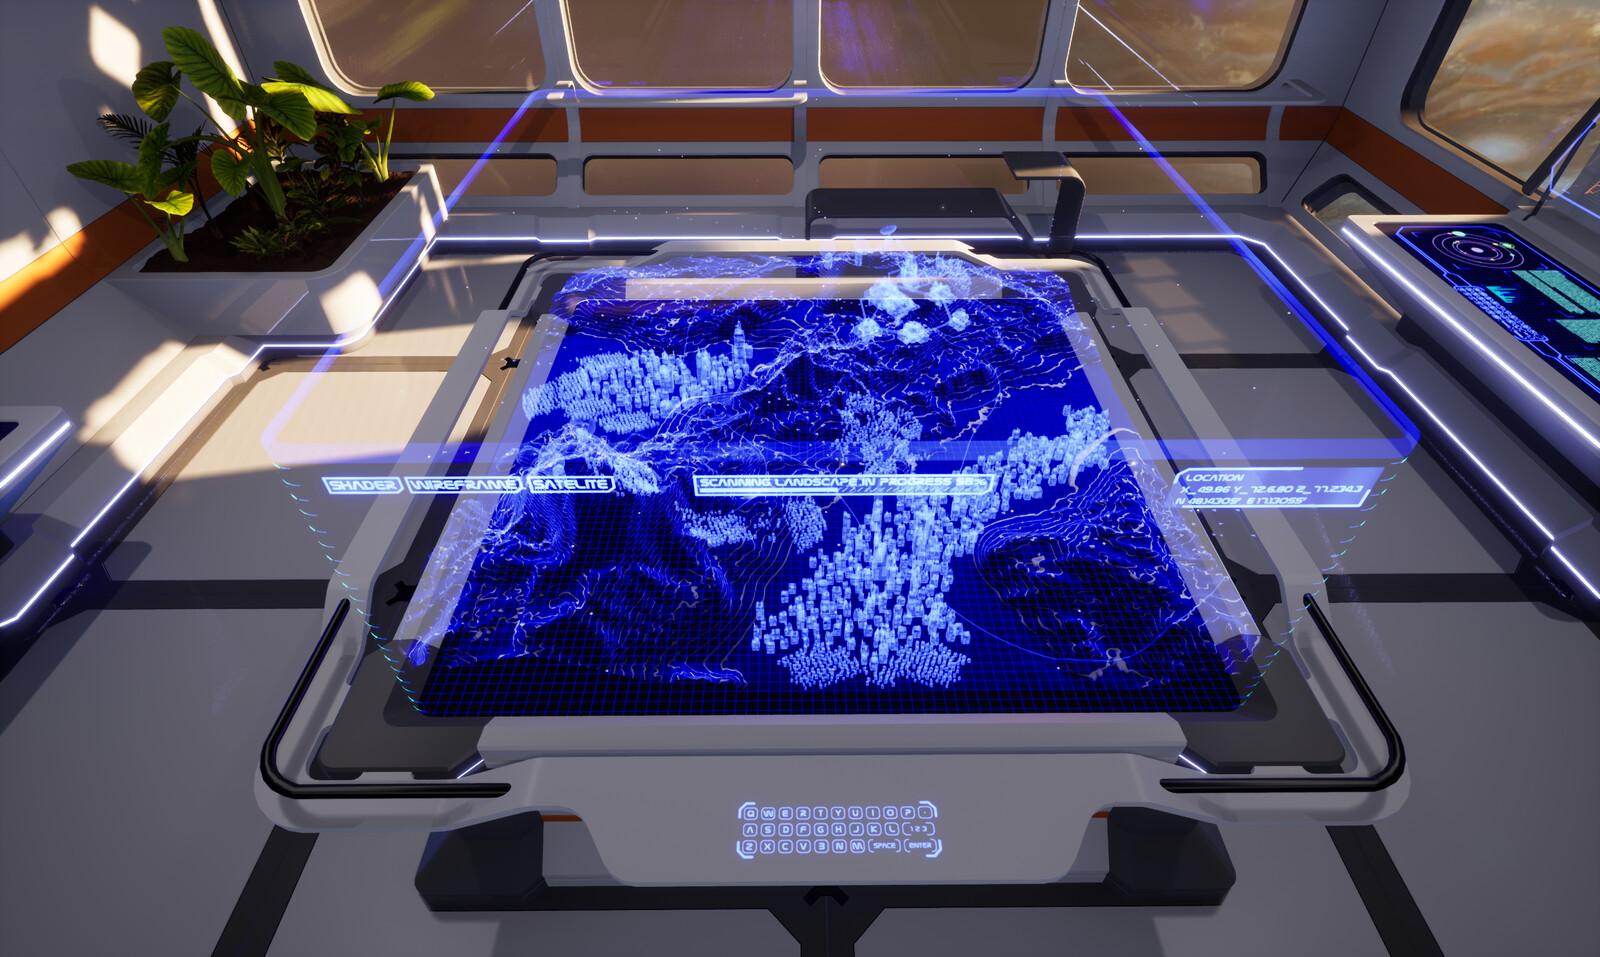 Sci-Fi Hologram Room - Module 3